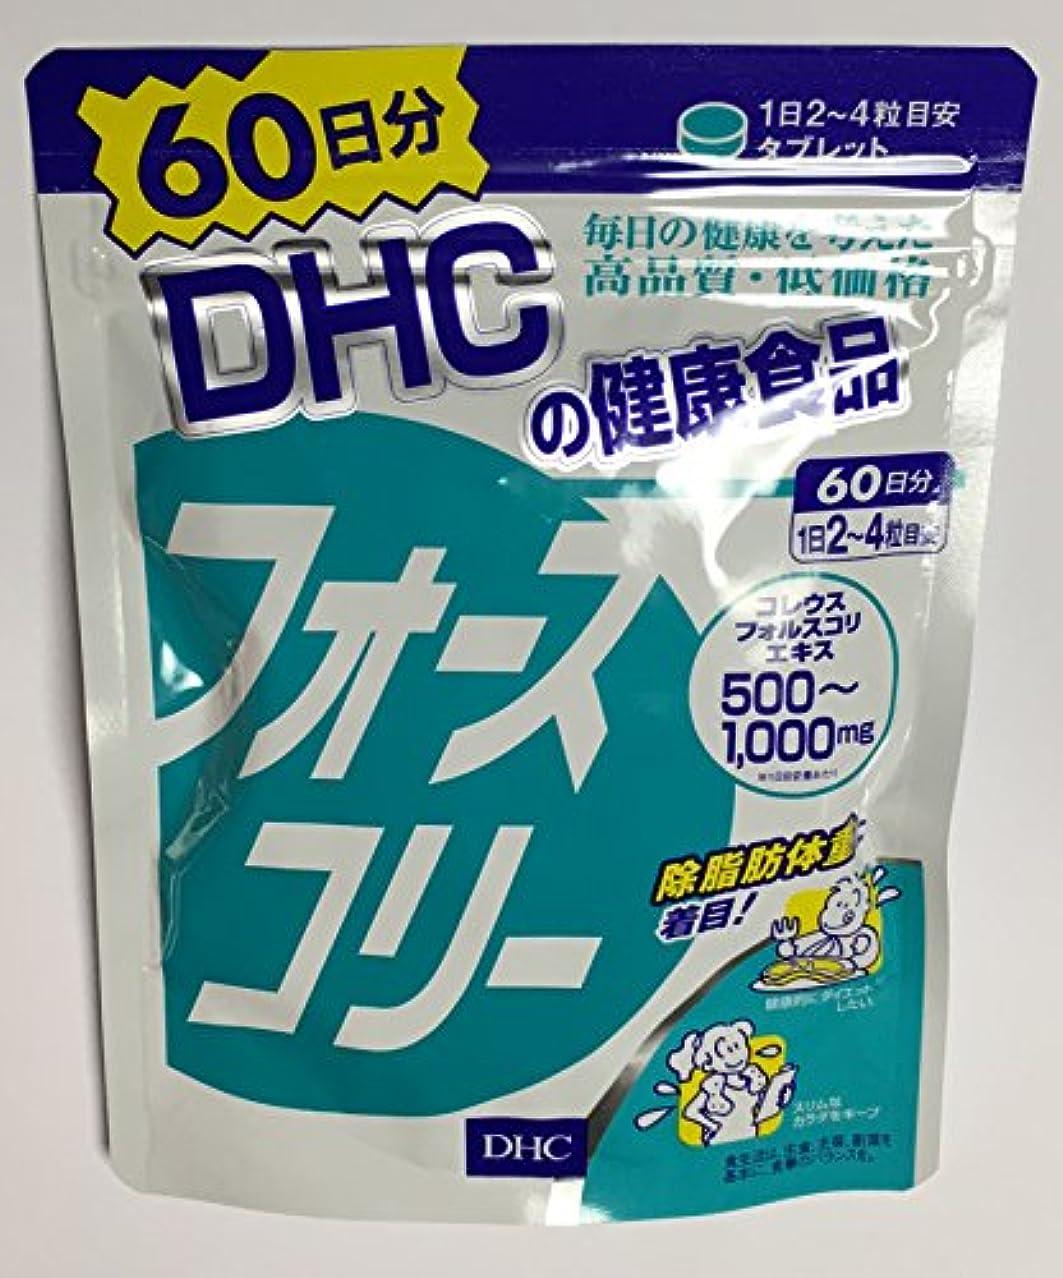 毛布ベギン海里【大容量】DHC フォースコリー (60日分) 240粒